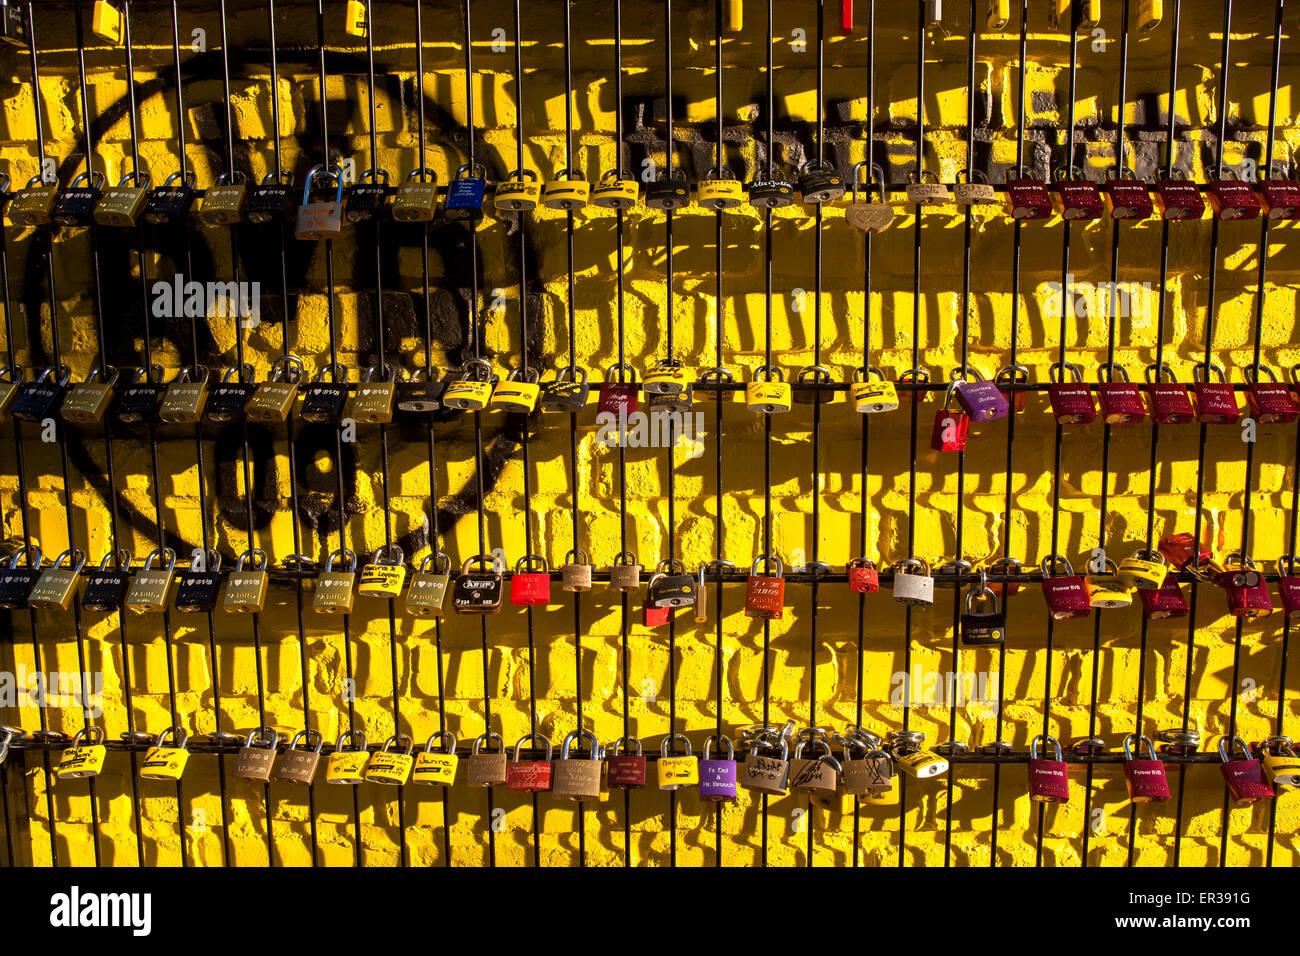 Europa, Deutschland, Ruhrgebiet, Dortmund, Signal Iduna Park, die sogenannte 'Wand der Liebe' am August - Stock Image